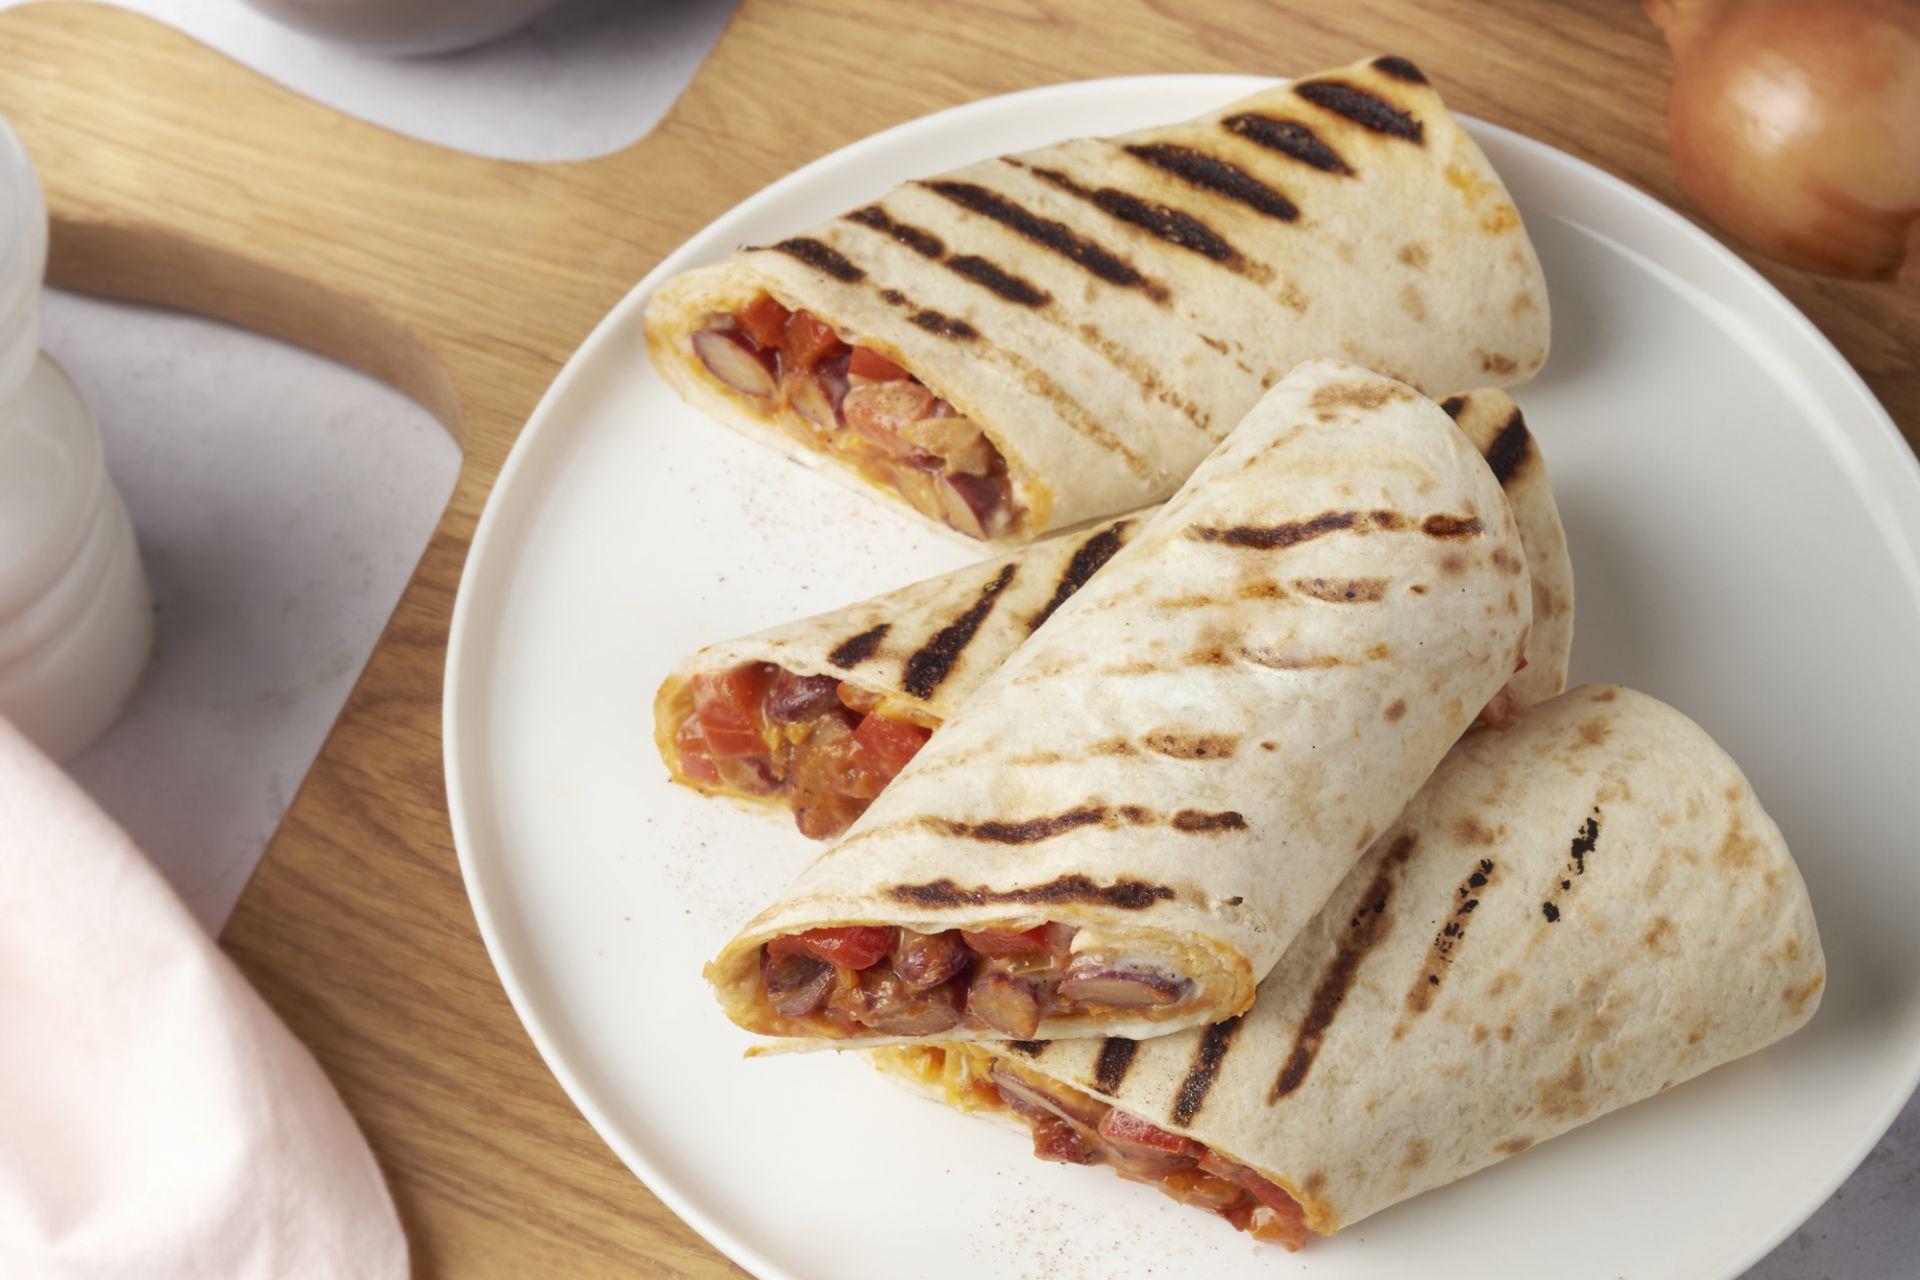 Chili sin carne burrito's